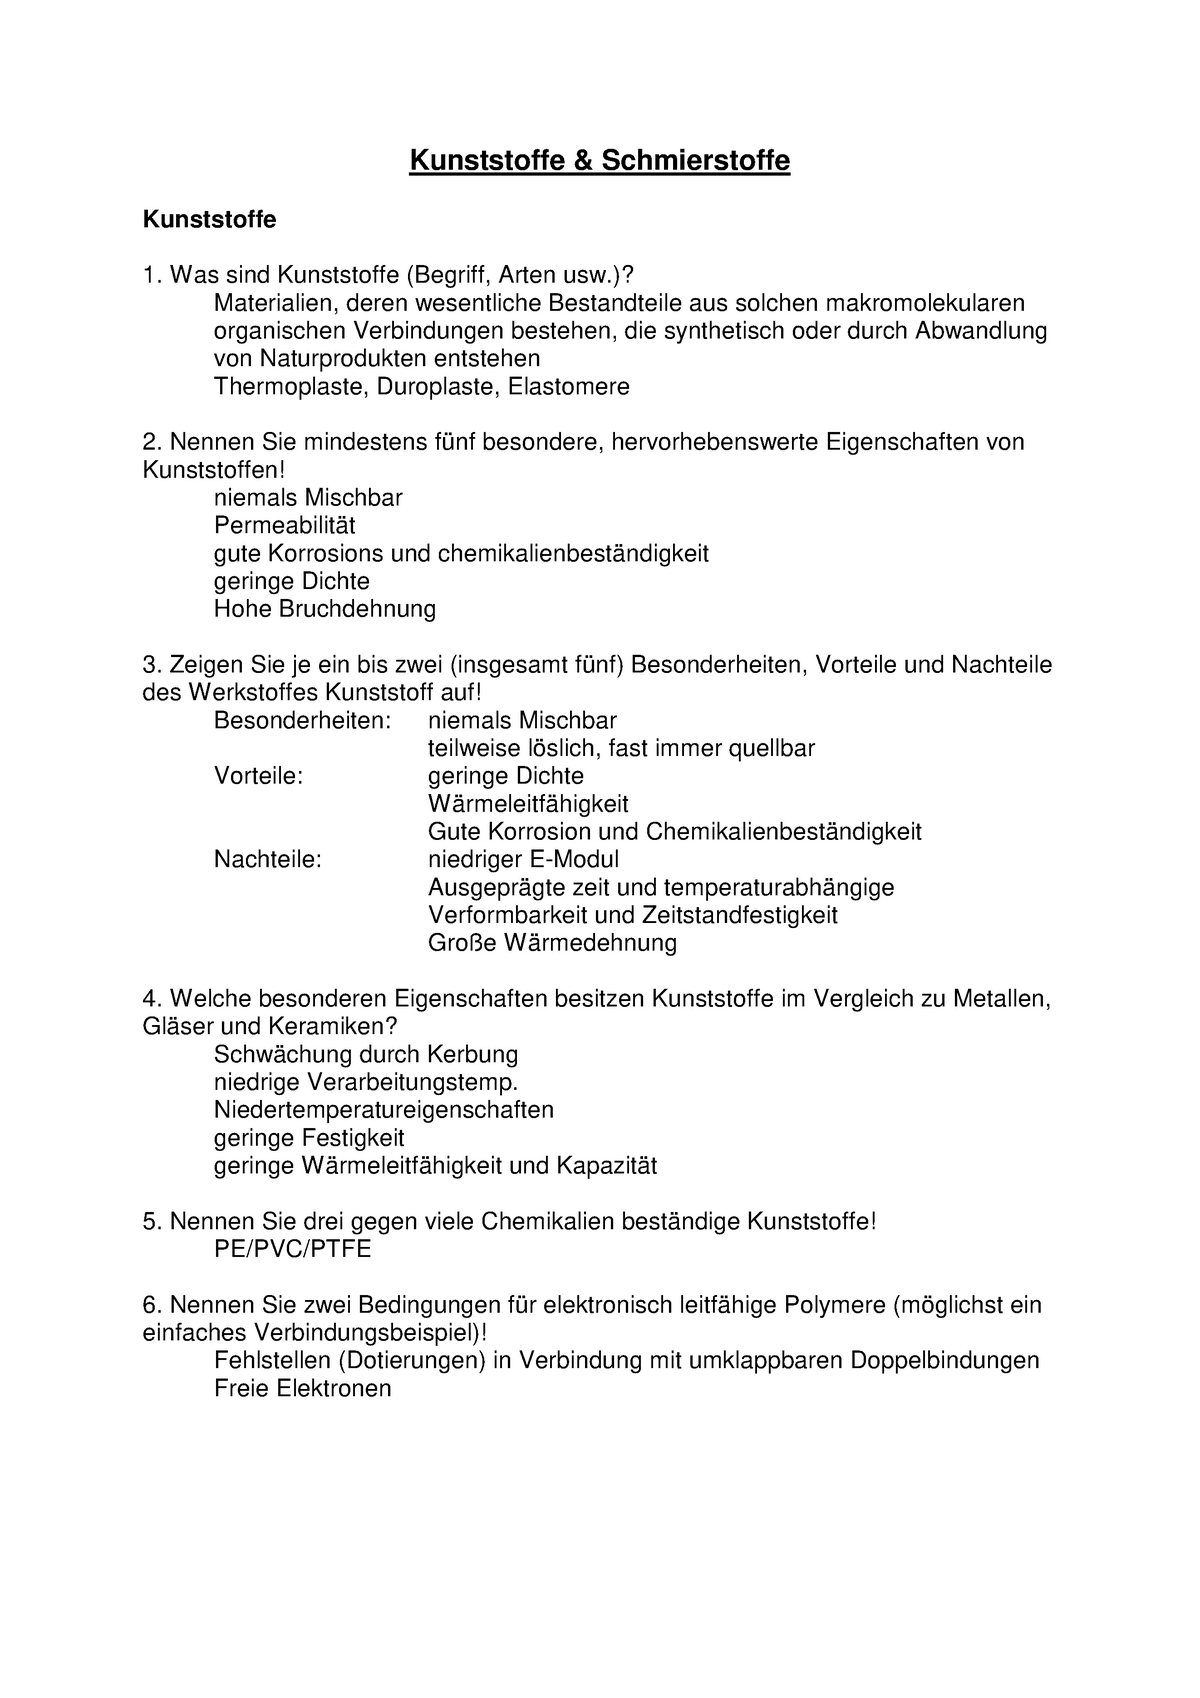 Fragenkatalog Mit Antworten 231133 300 Tu Chemnitz